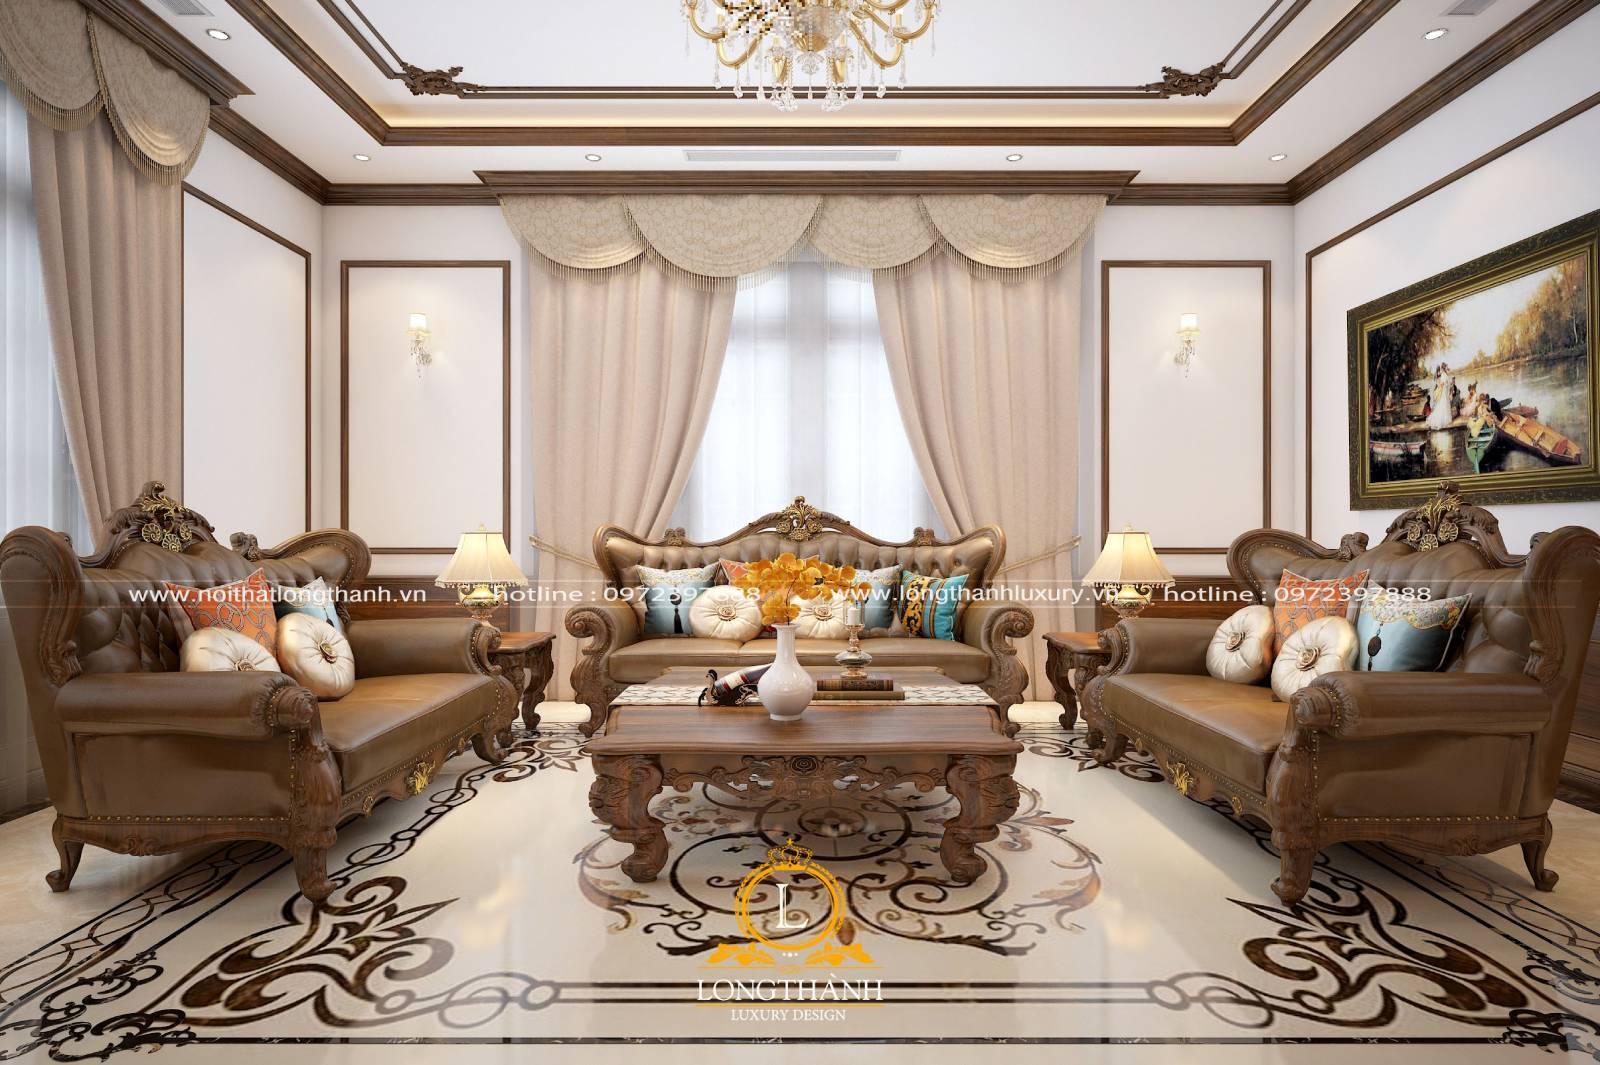 Mẫu sofa tân cổ điển cho phòng khách nhà phố cao cấp